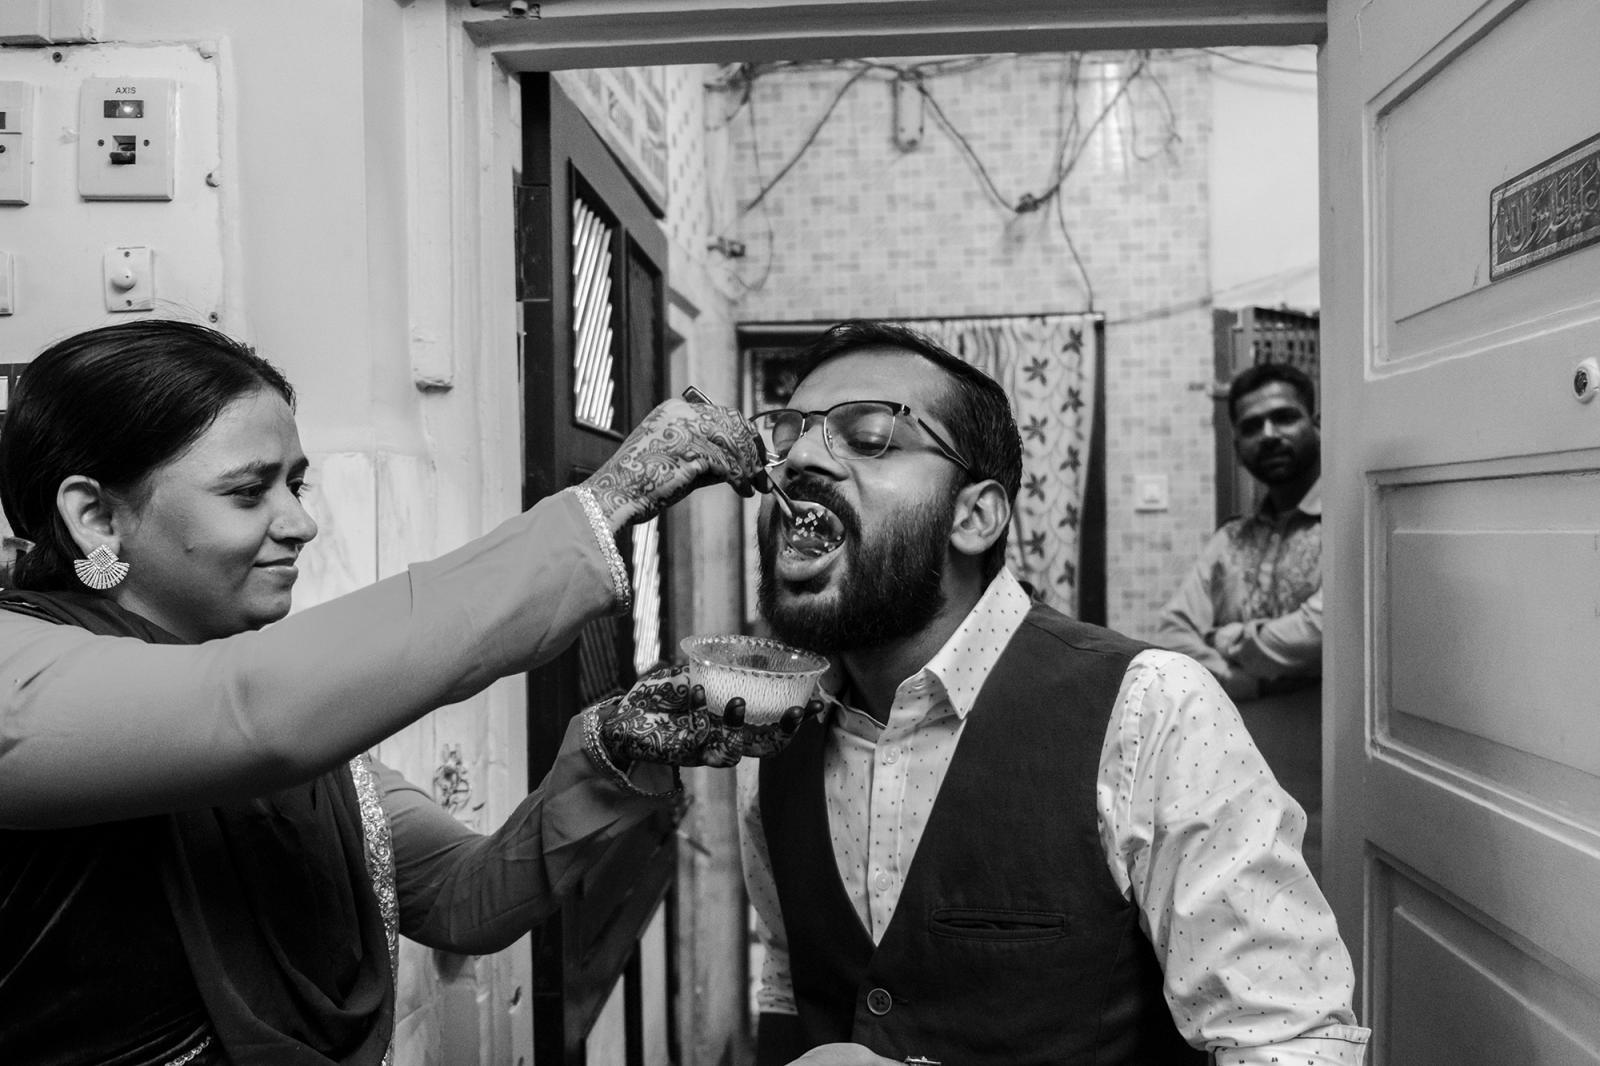 Photography image - Loading mumbai_wedding__destination_wedding__chennai__pondicherry__tamil__royal_wedding_stories__wedding_documentary___mouhamed_moustapha__1.jpg